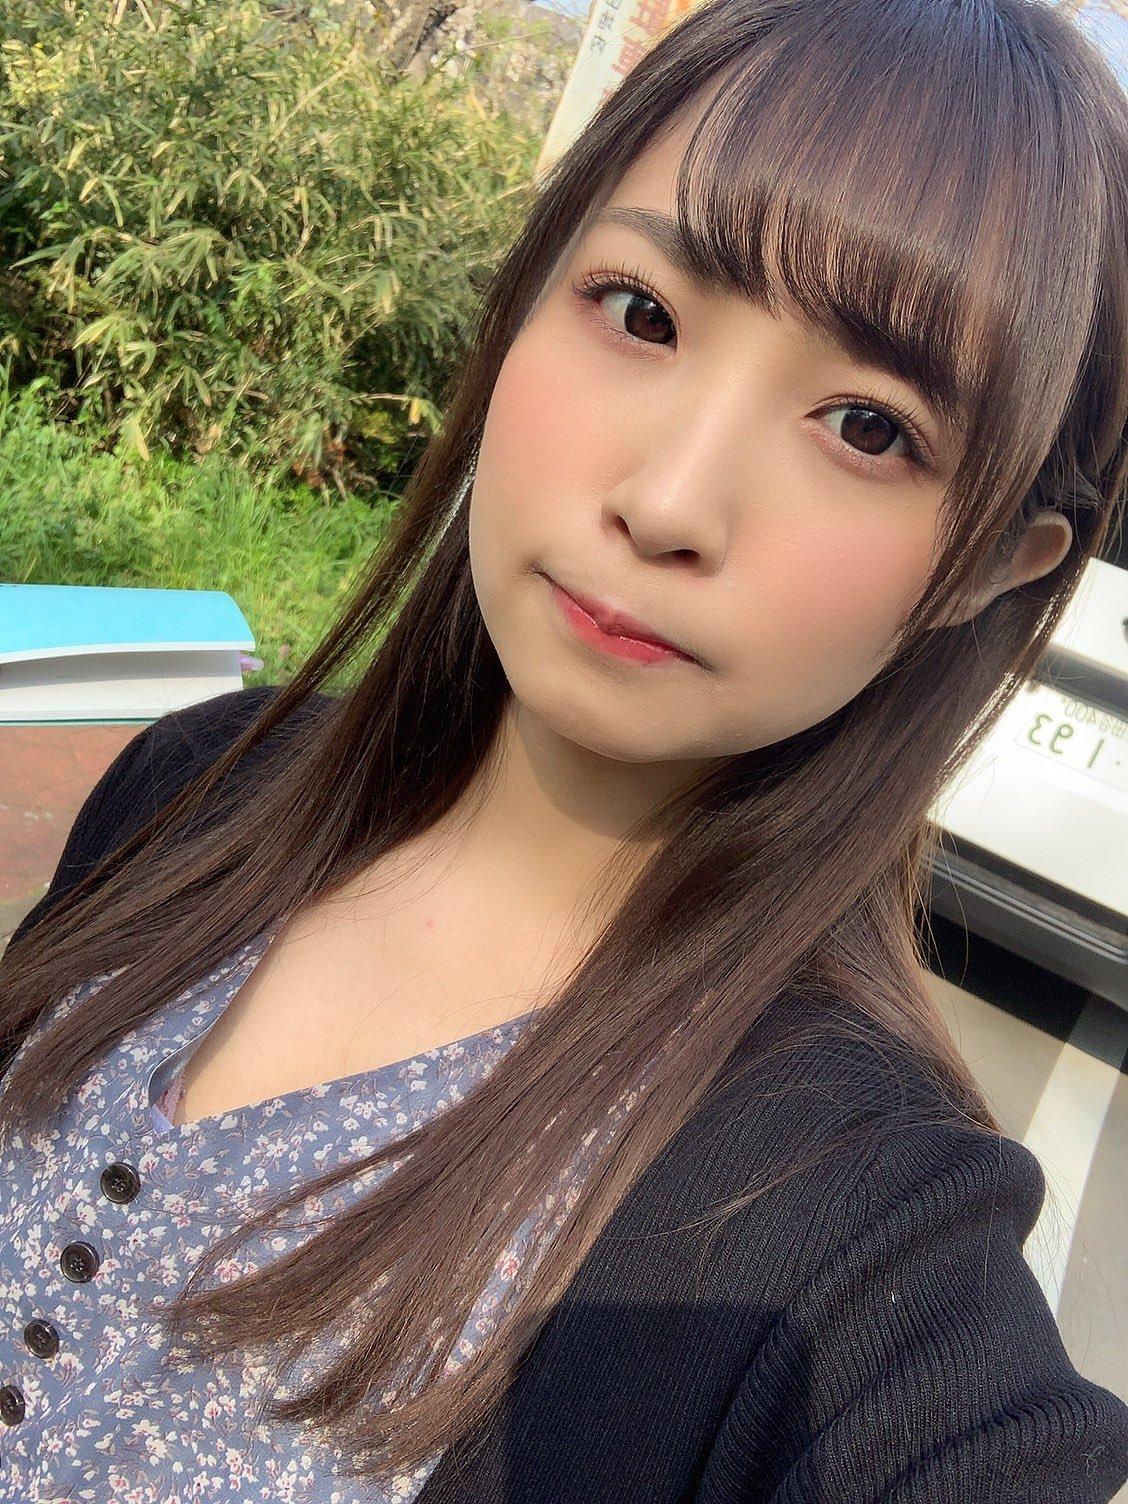 Noa_Eikawa 1247908201632129024_p0